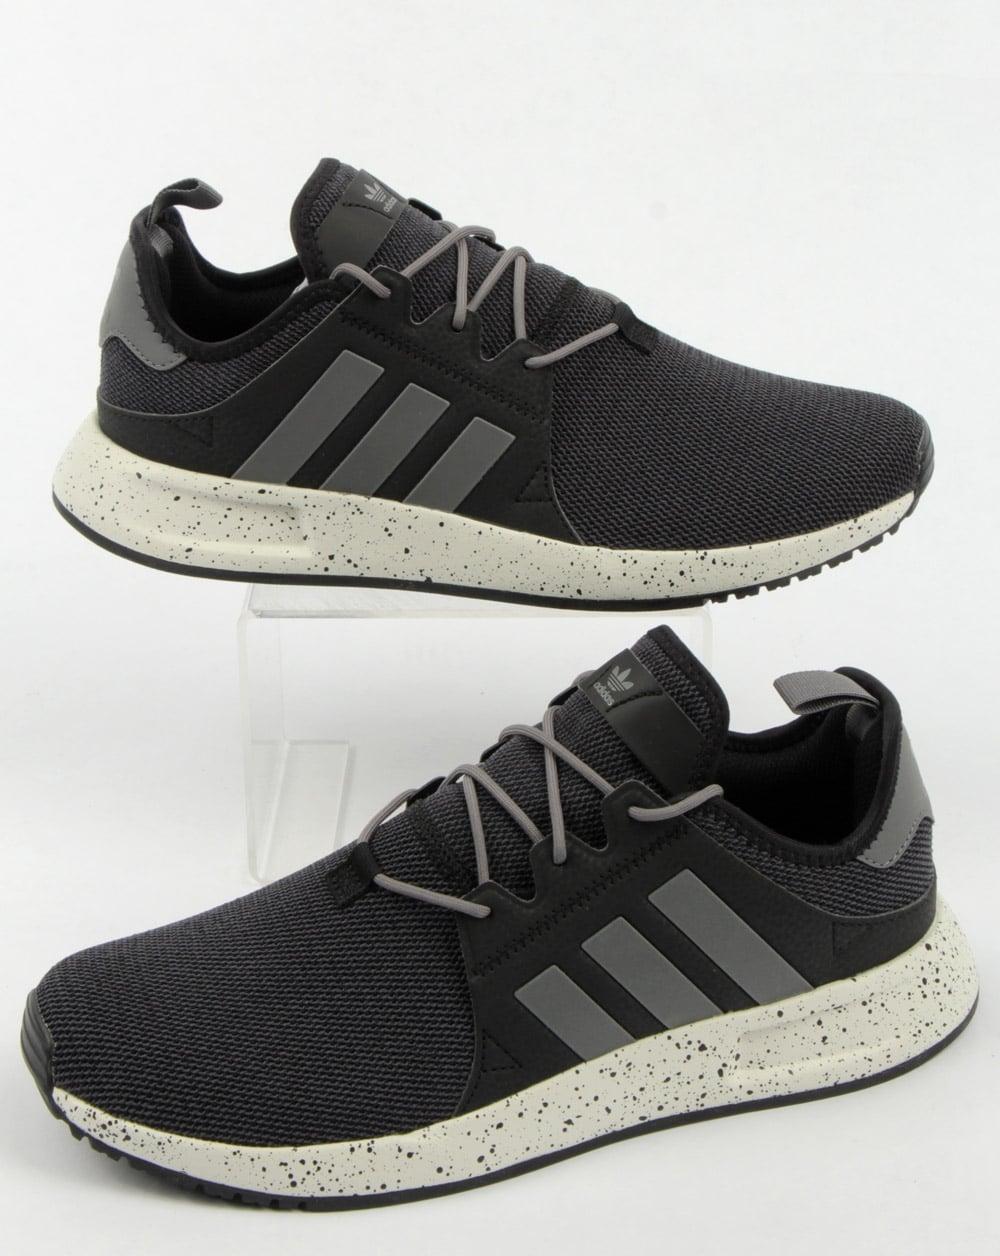 Adidas X_plr Trainers Black/grey